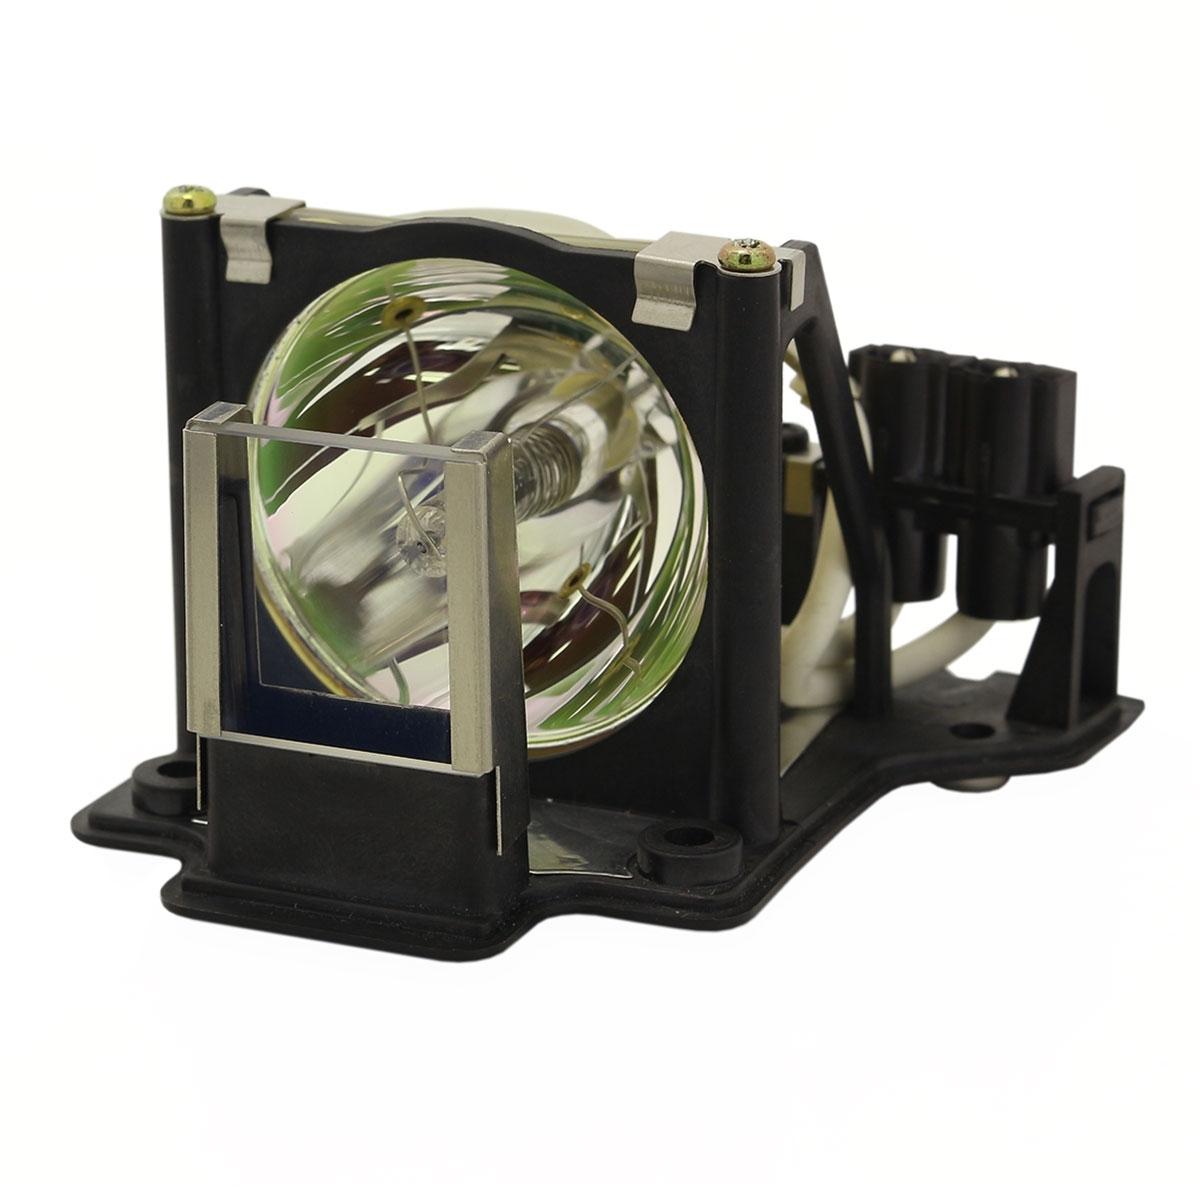 Yokogawa D1200x Projector Lamp Module